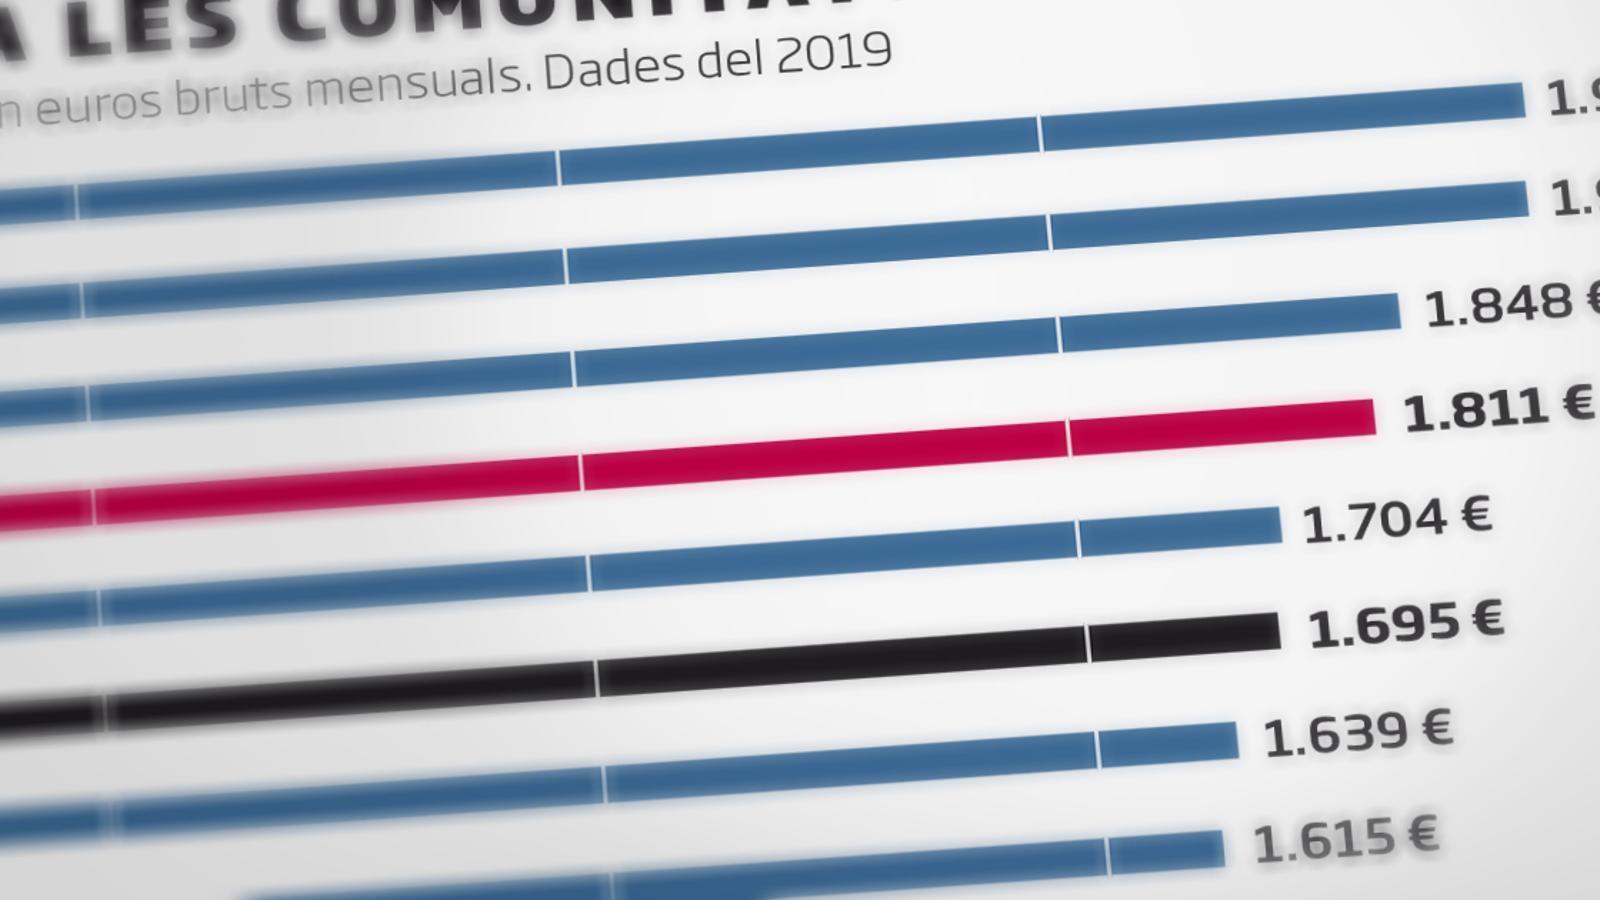 El sou mitjà català va pujar 43 euros bruts el 2019